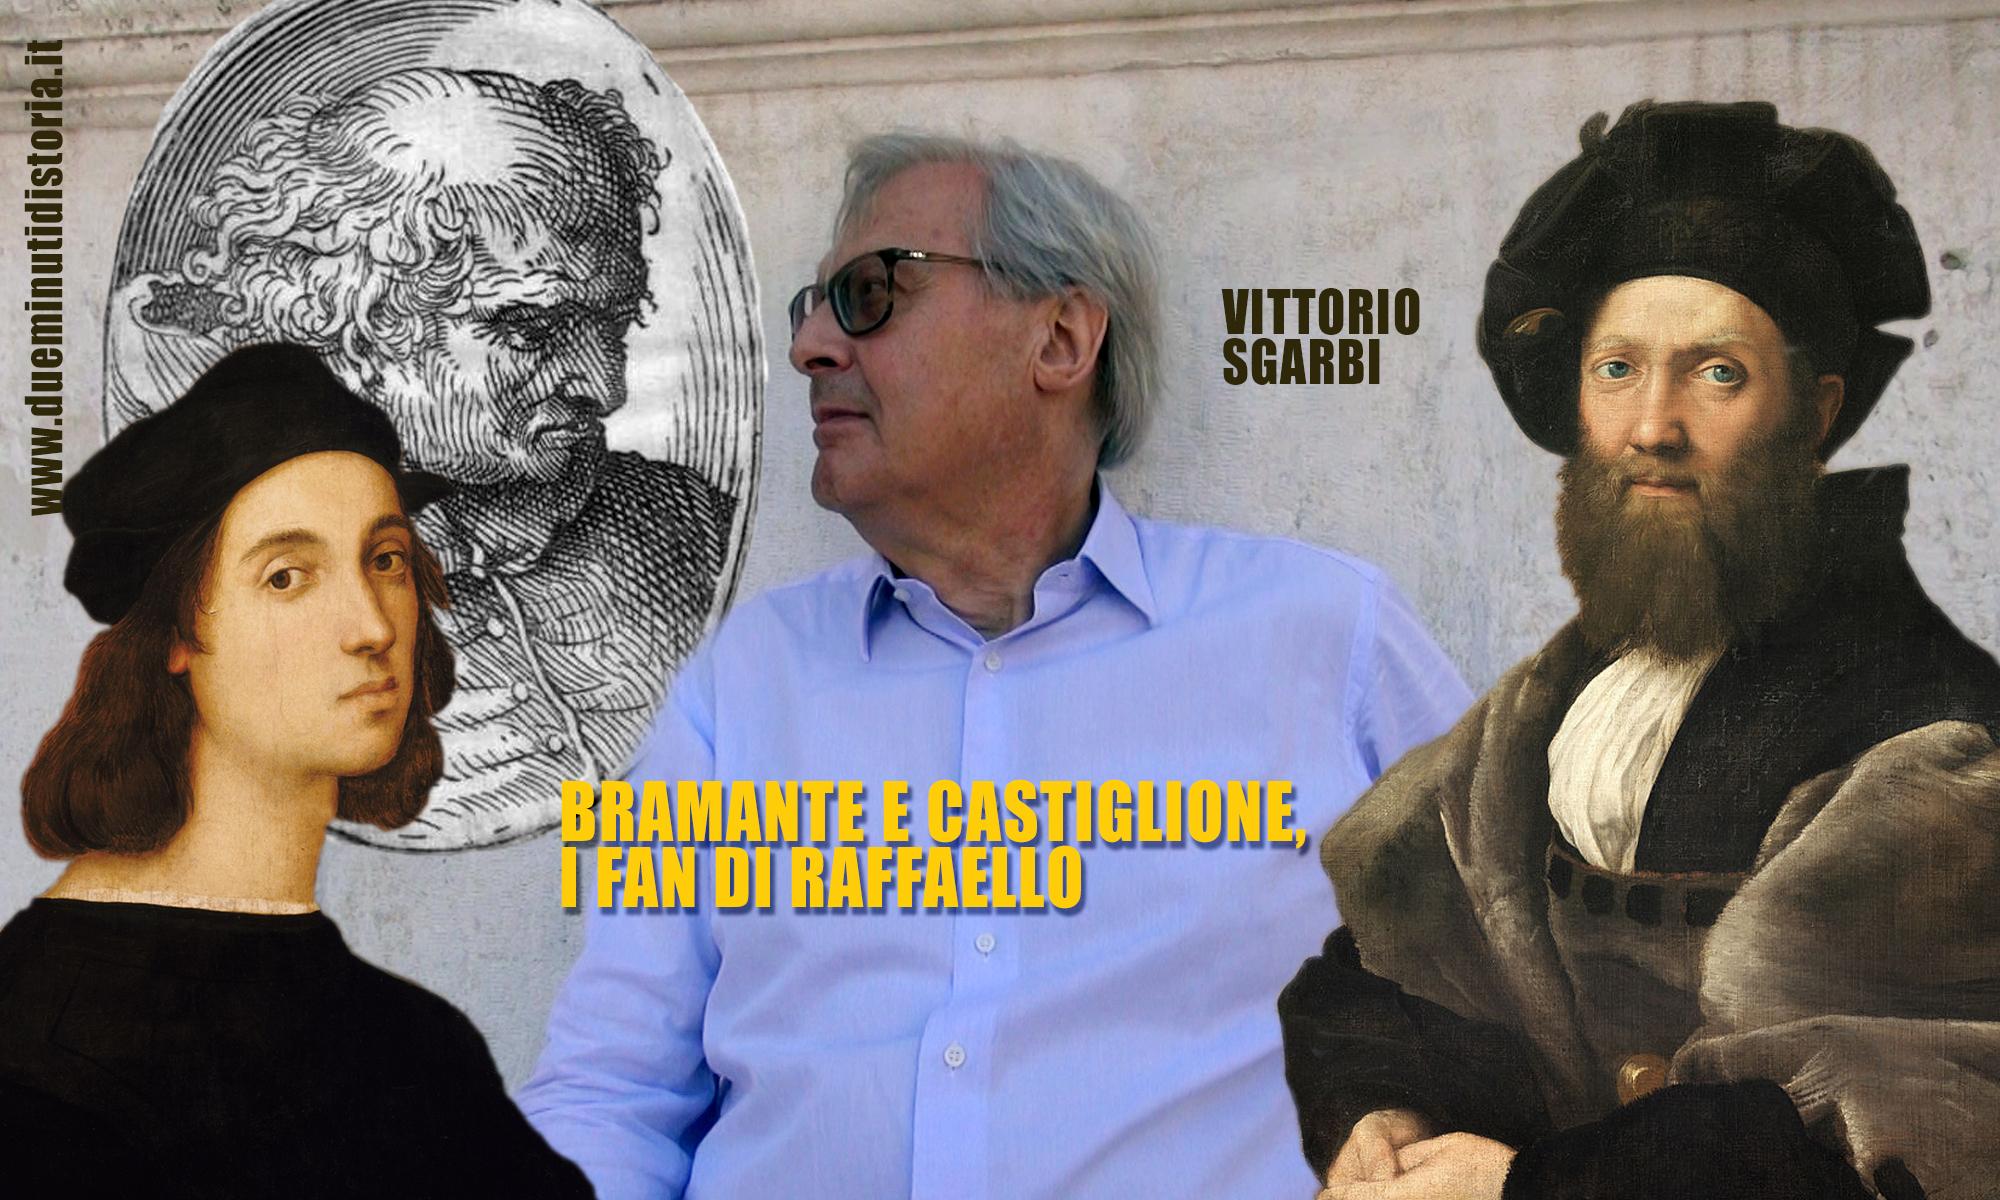 Vittorio Sgarbi: Bramante e Castiglione, i fan di Raffaello